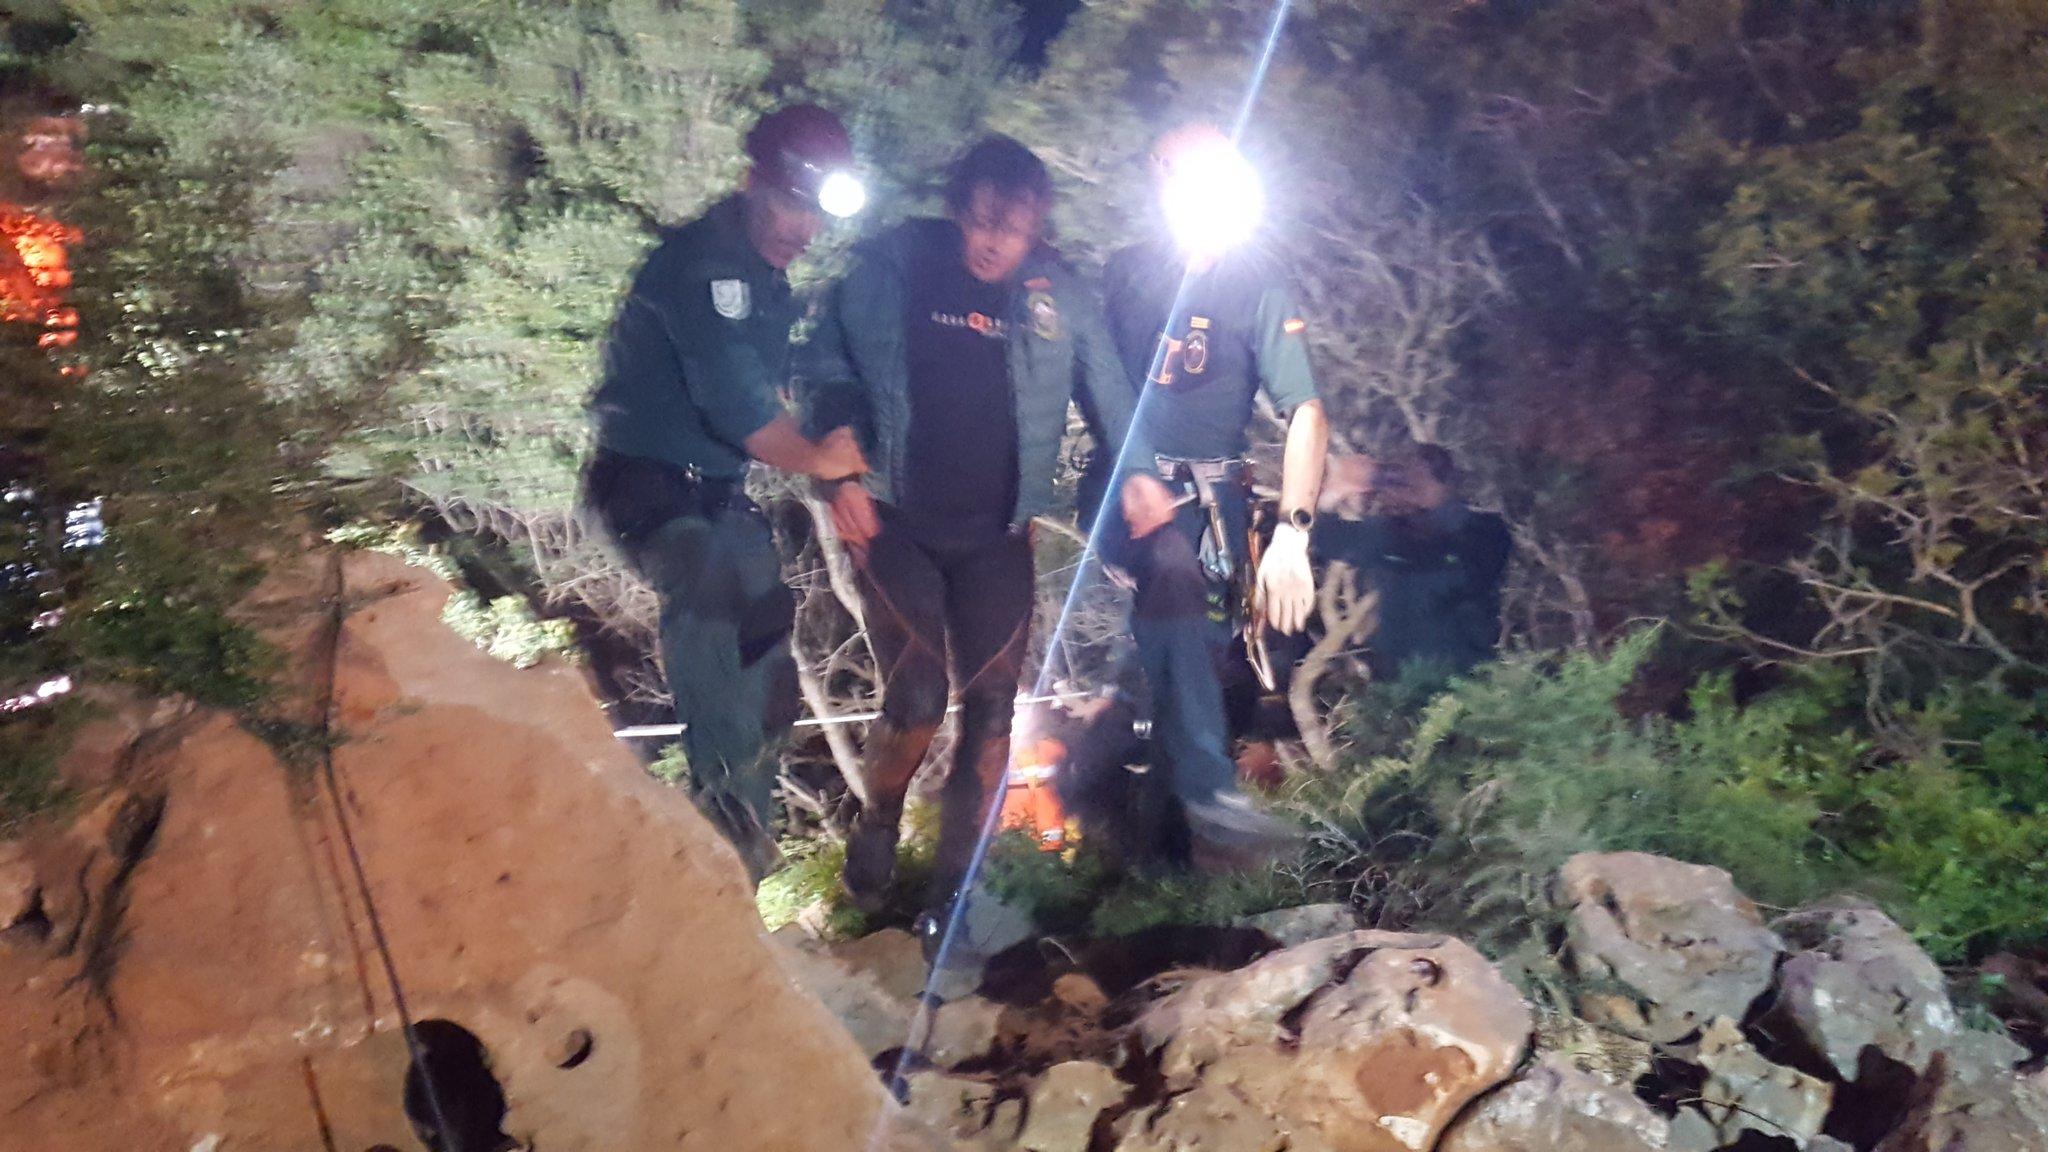 Xisco Gràcia: 'Pensé que mi amigo no pudo salir de la cueva y que nunca me encontrarían'